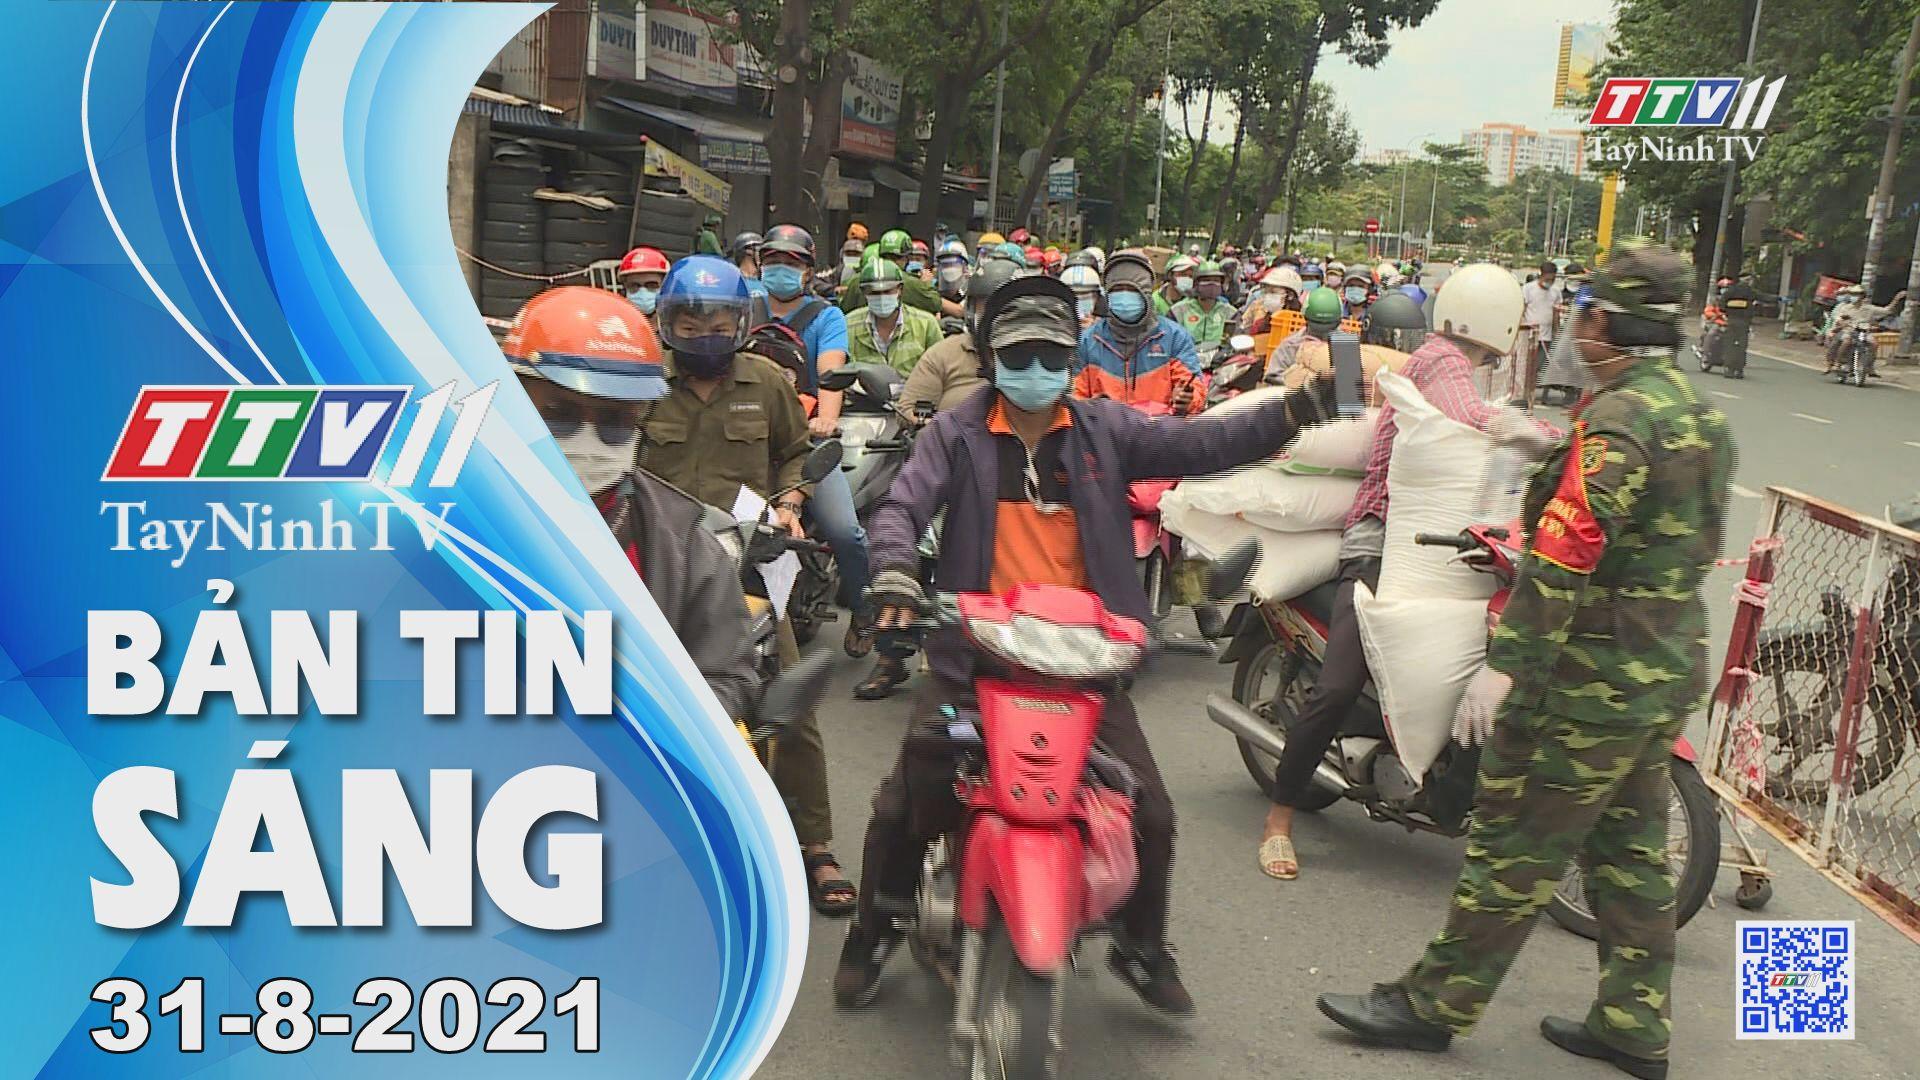 Bản tin sáng 31-8-2021 | Tin tức hôm nay | TayNinhTV